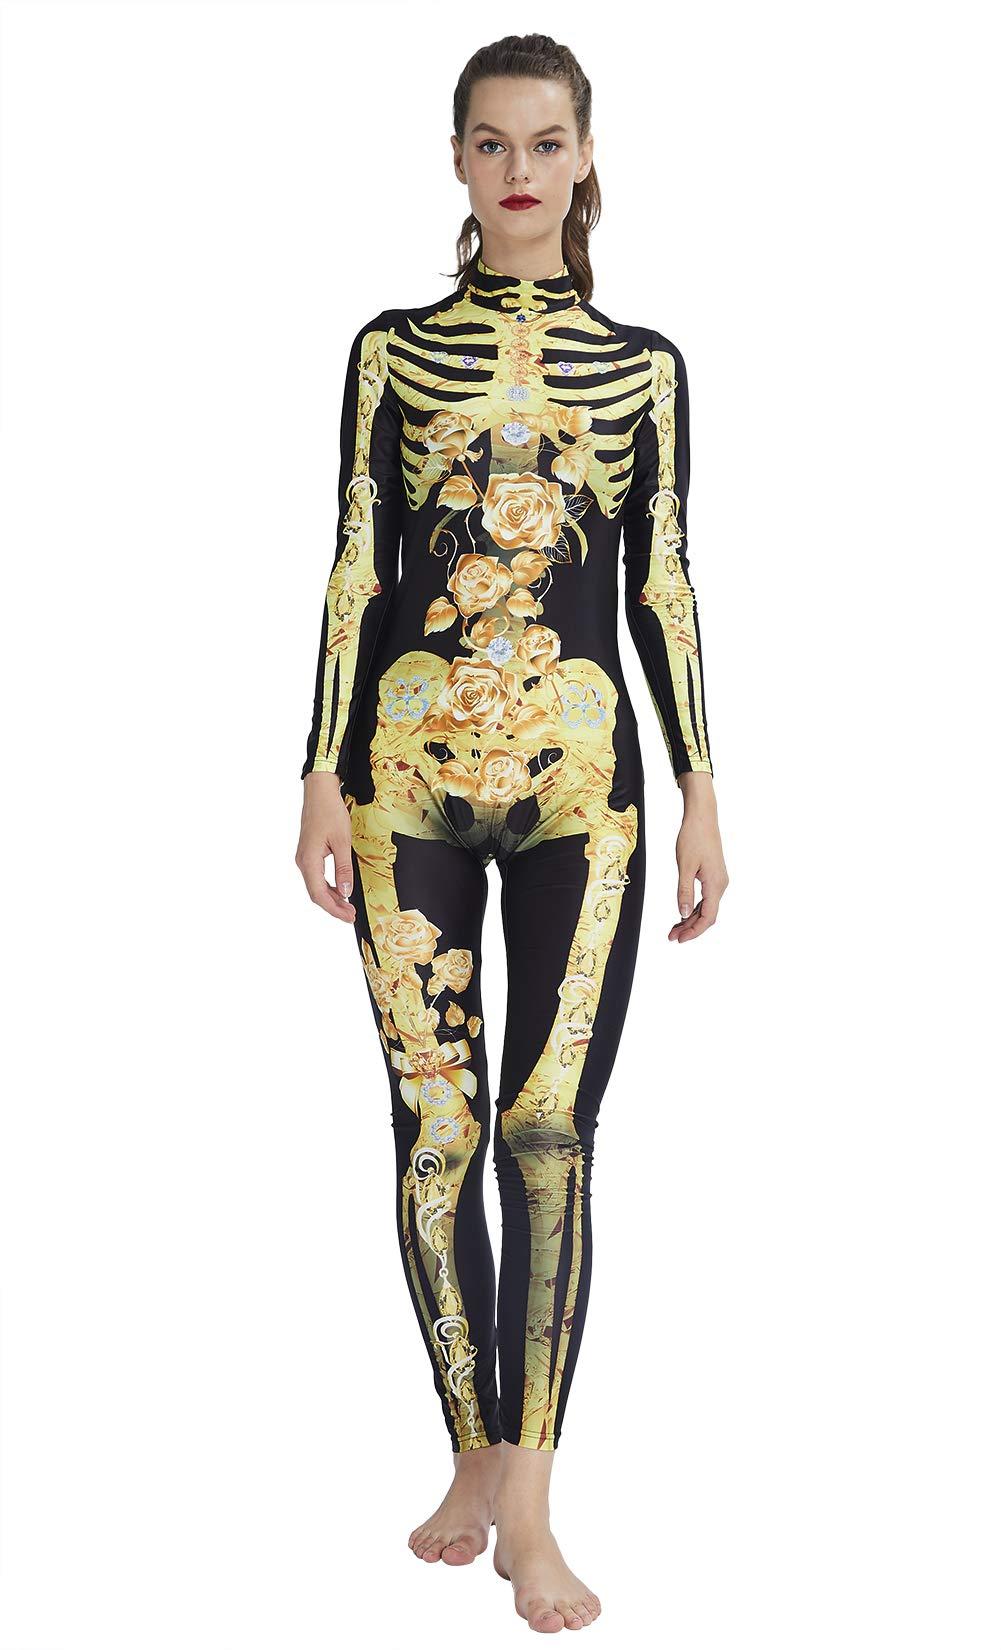 RAISEVERN3D gráfico de la Flor de Oro Impreso Scary Zombie Onesies de Halloween Trajes de Manga Larga Atractiva del Cosplay Esqueleto del Mono del Estiramiento Body Completo